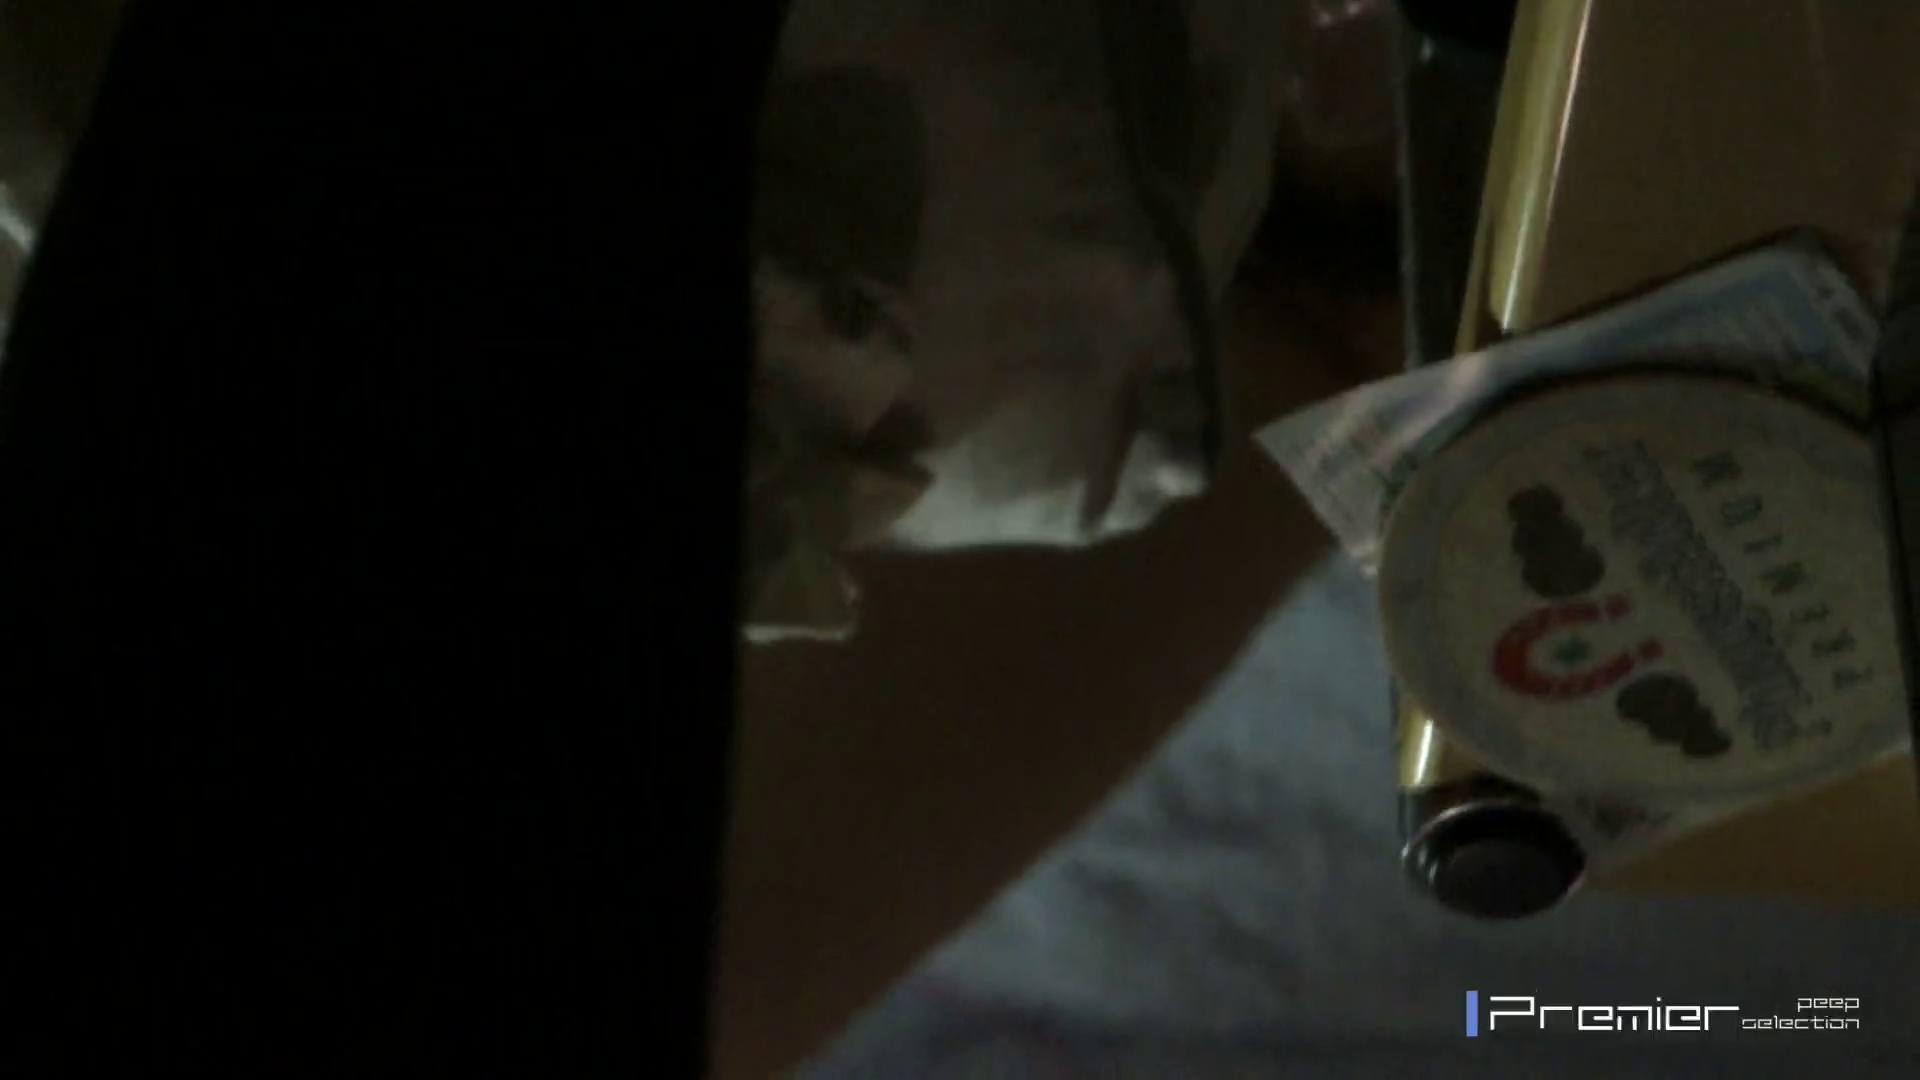 マニア必見!ポチャ達のカーニバル美女達の私生活に潜入! 潜入  93pic 64